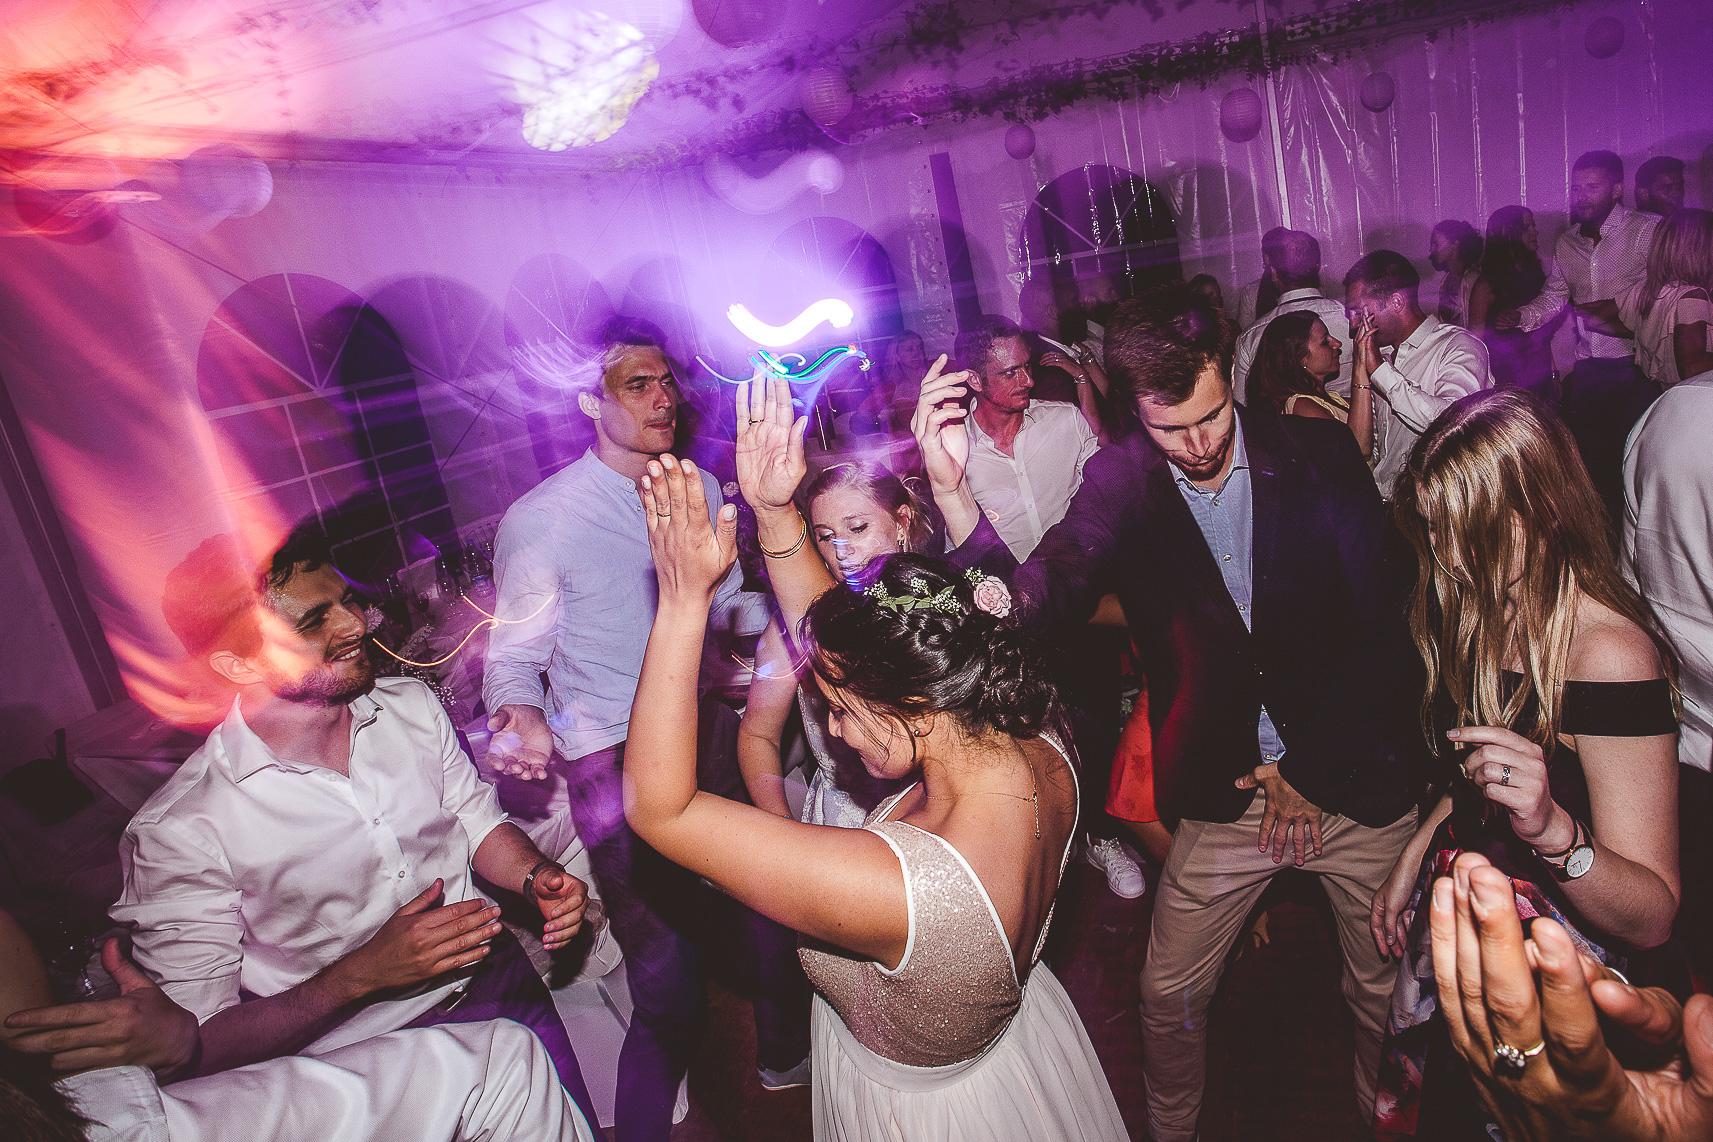 reportage mariage photo soiree dansante la mariee danse dj musique cognac vignes charente